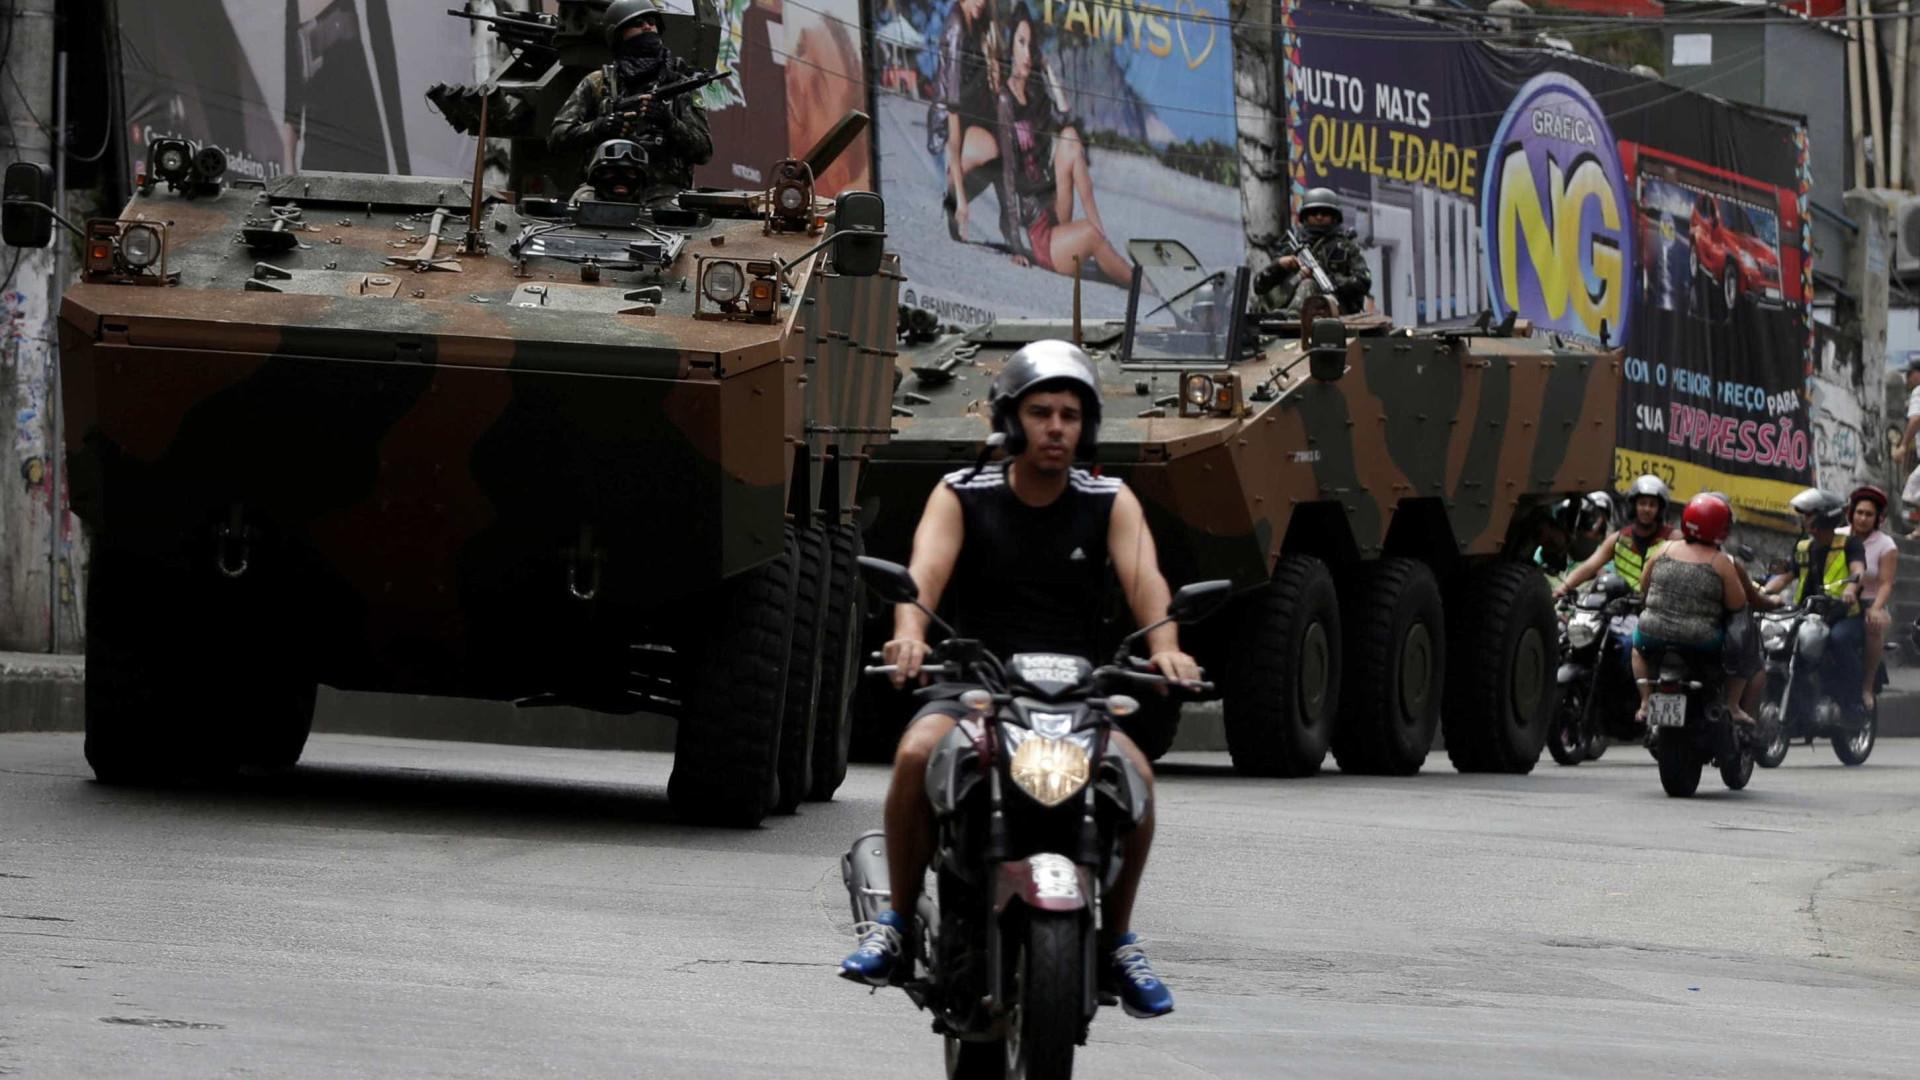 Exército vai ceder veículos blindados para a Polícia Militar